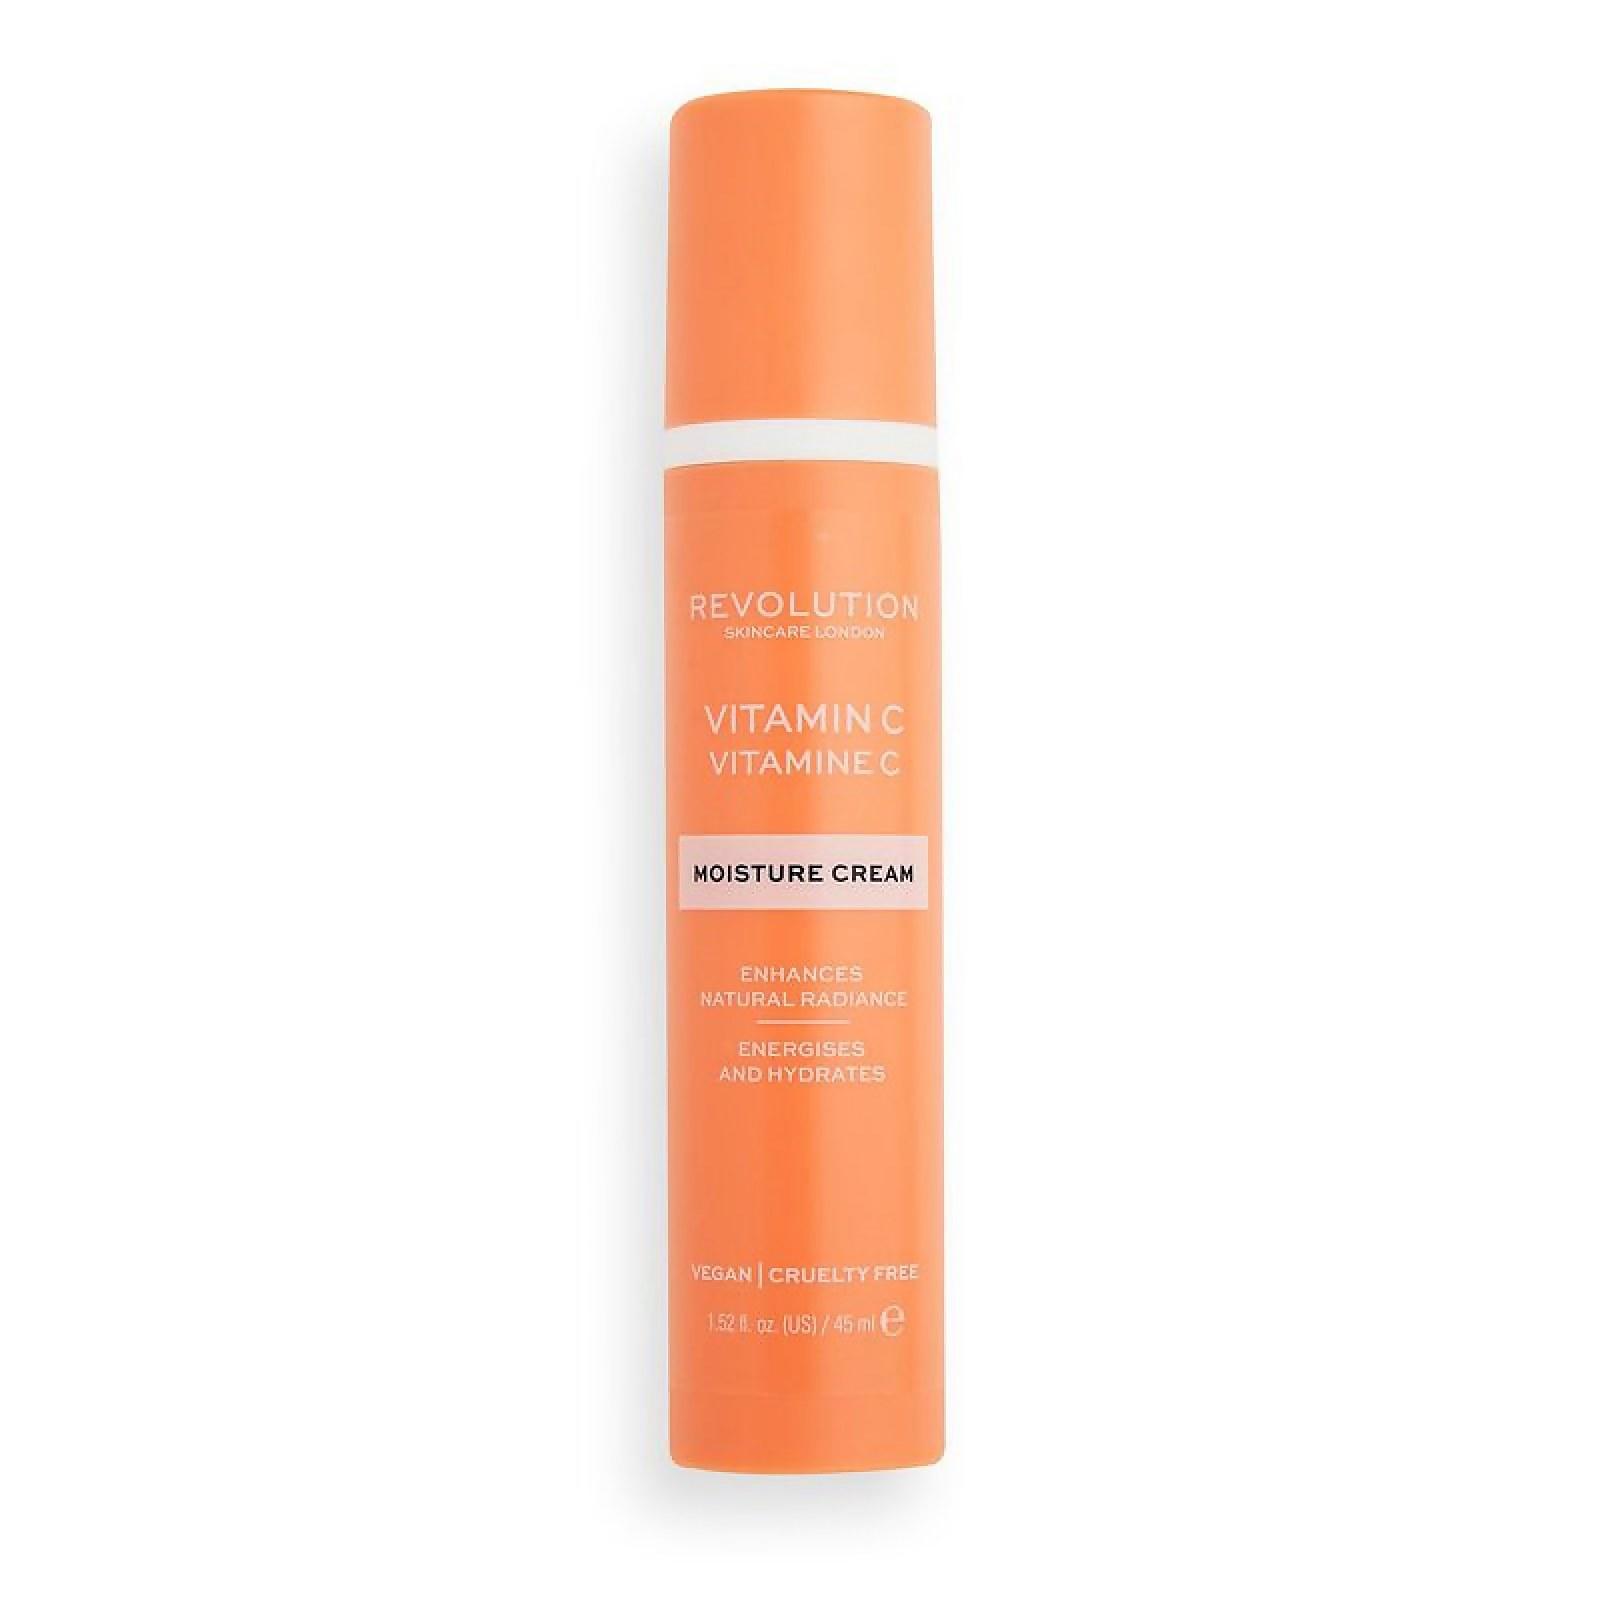 Revolution Skincare Vitamin C Moisturiser